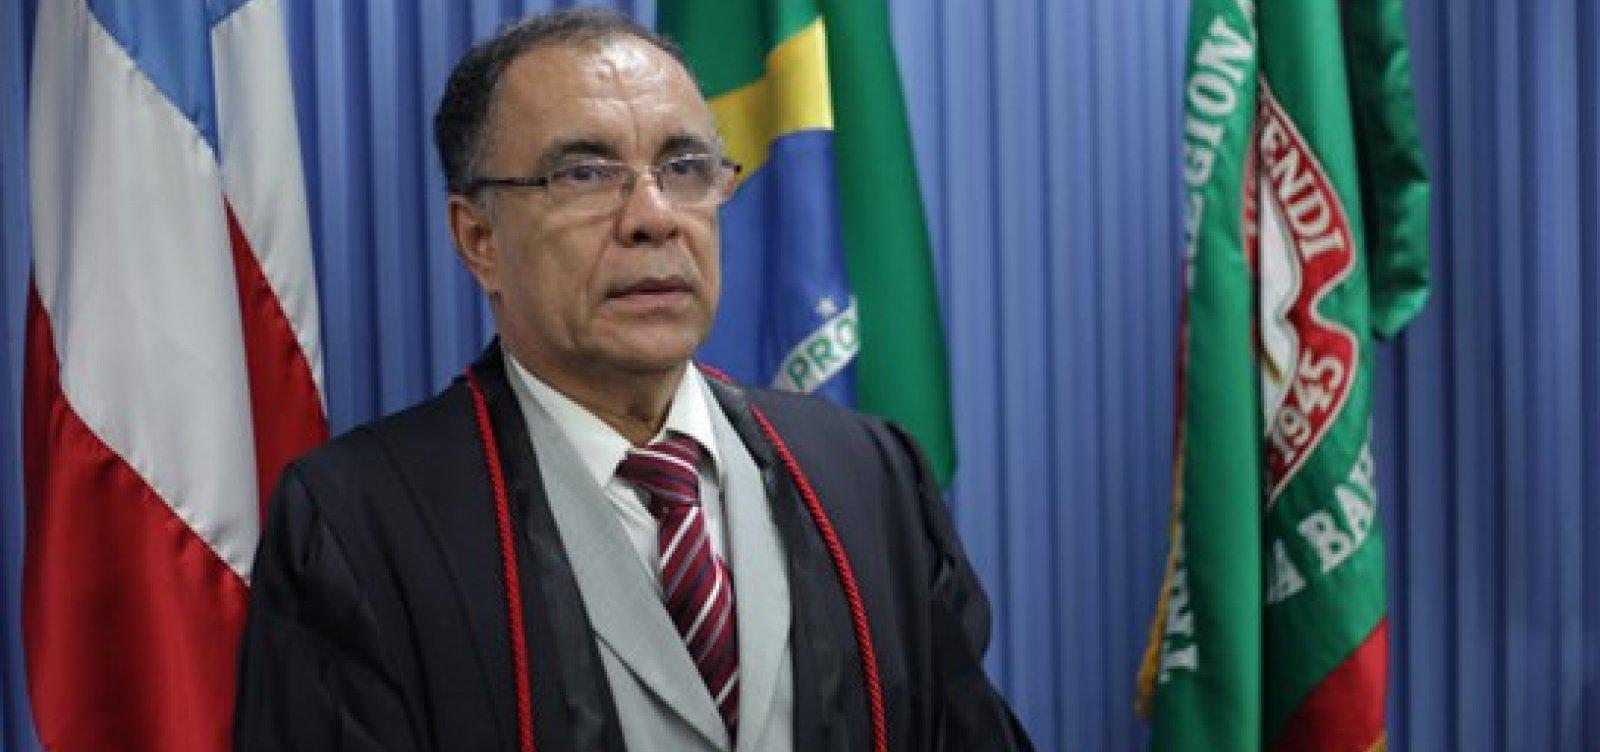 Desembargador Lourival Trindade é eleito presidente do TJ-BA